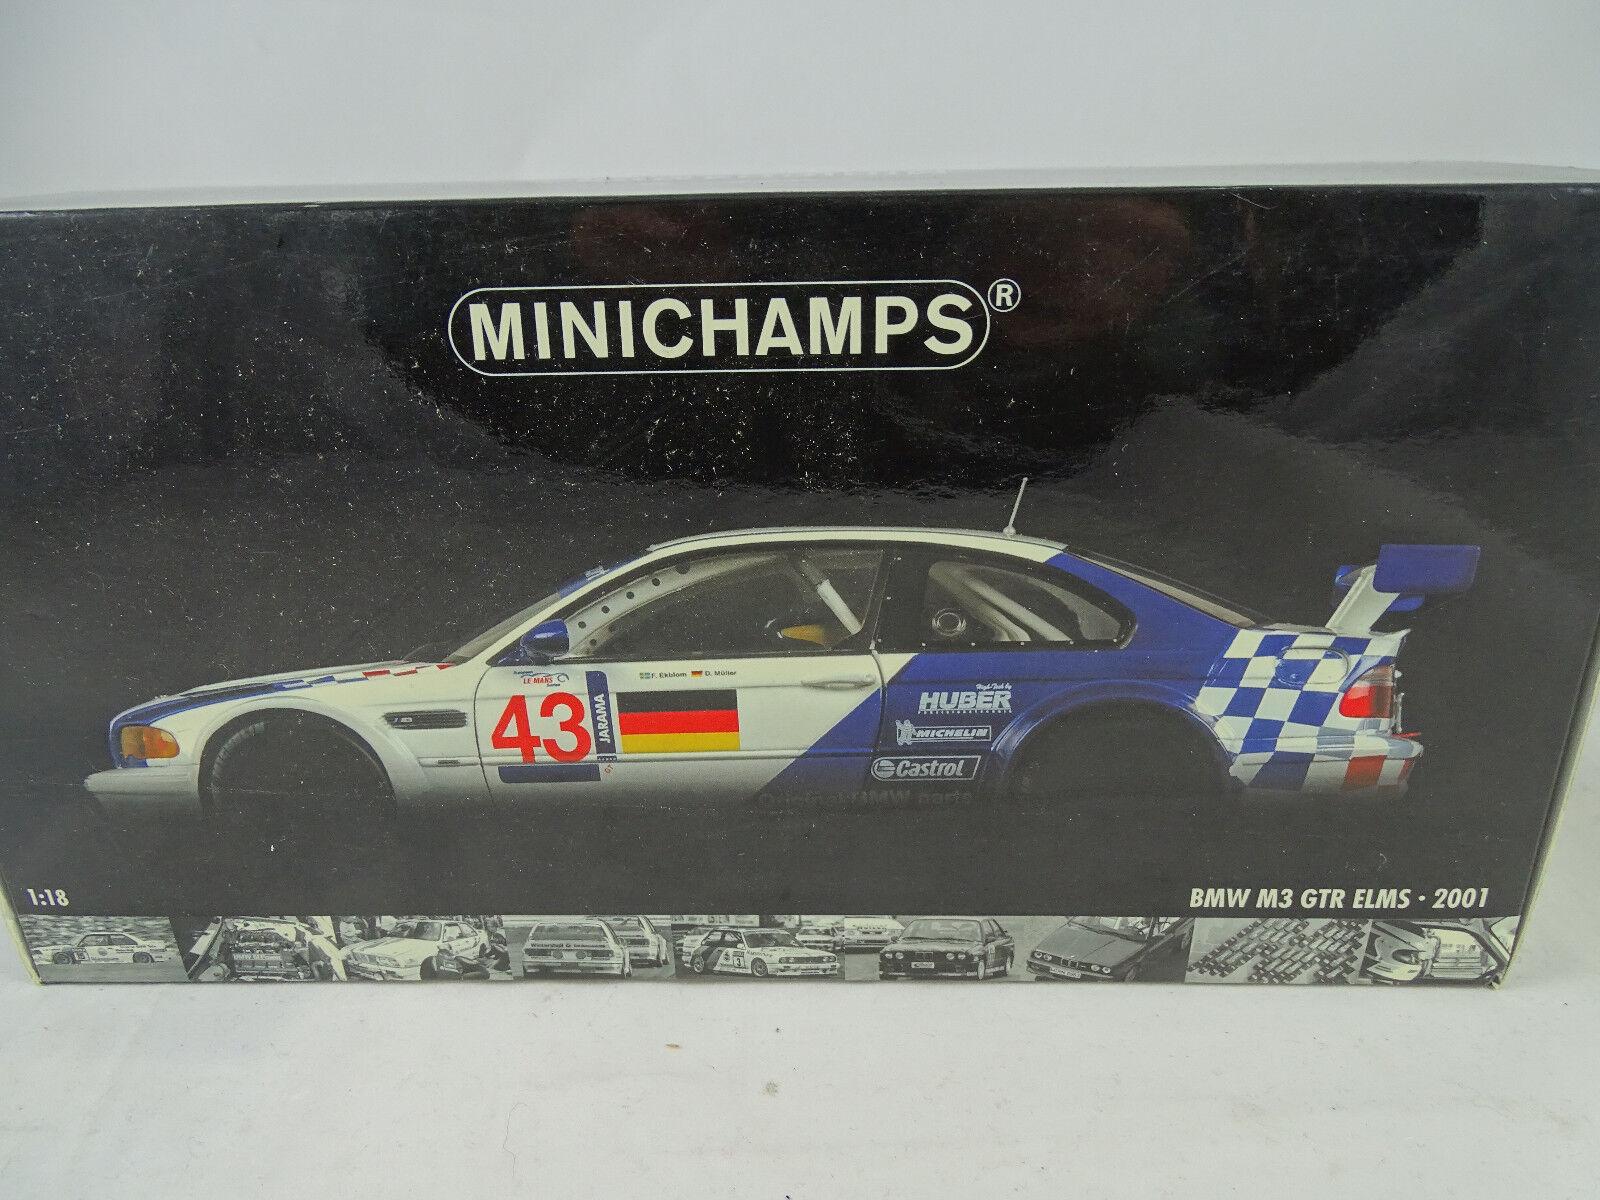 1 18 MINICHAMPS  100012193 BMW M3 GTR ELMS JARAMA 2001 Winners  43 RARITÄT neu